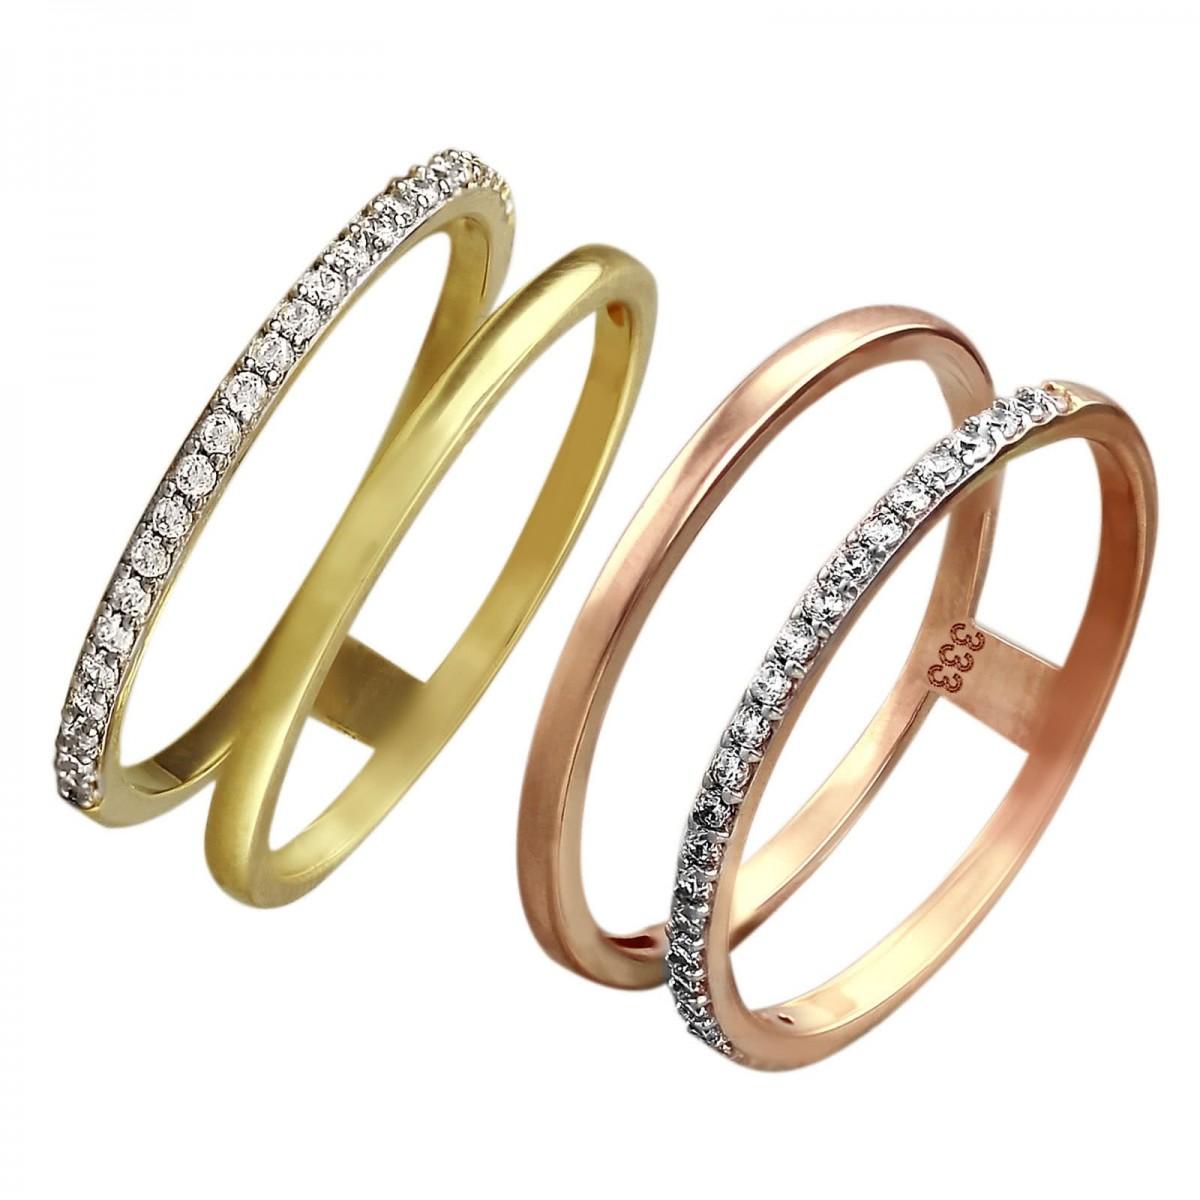 Damen Gold Doppel-Ring 333er Rosegold 8 Karat Gr.60 Zirkonia GDR505E60